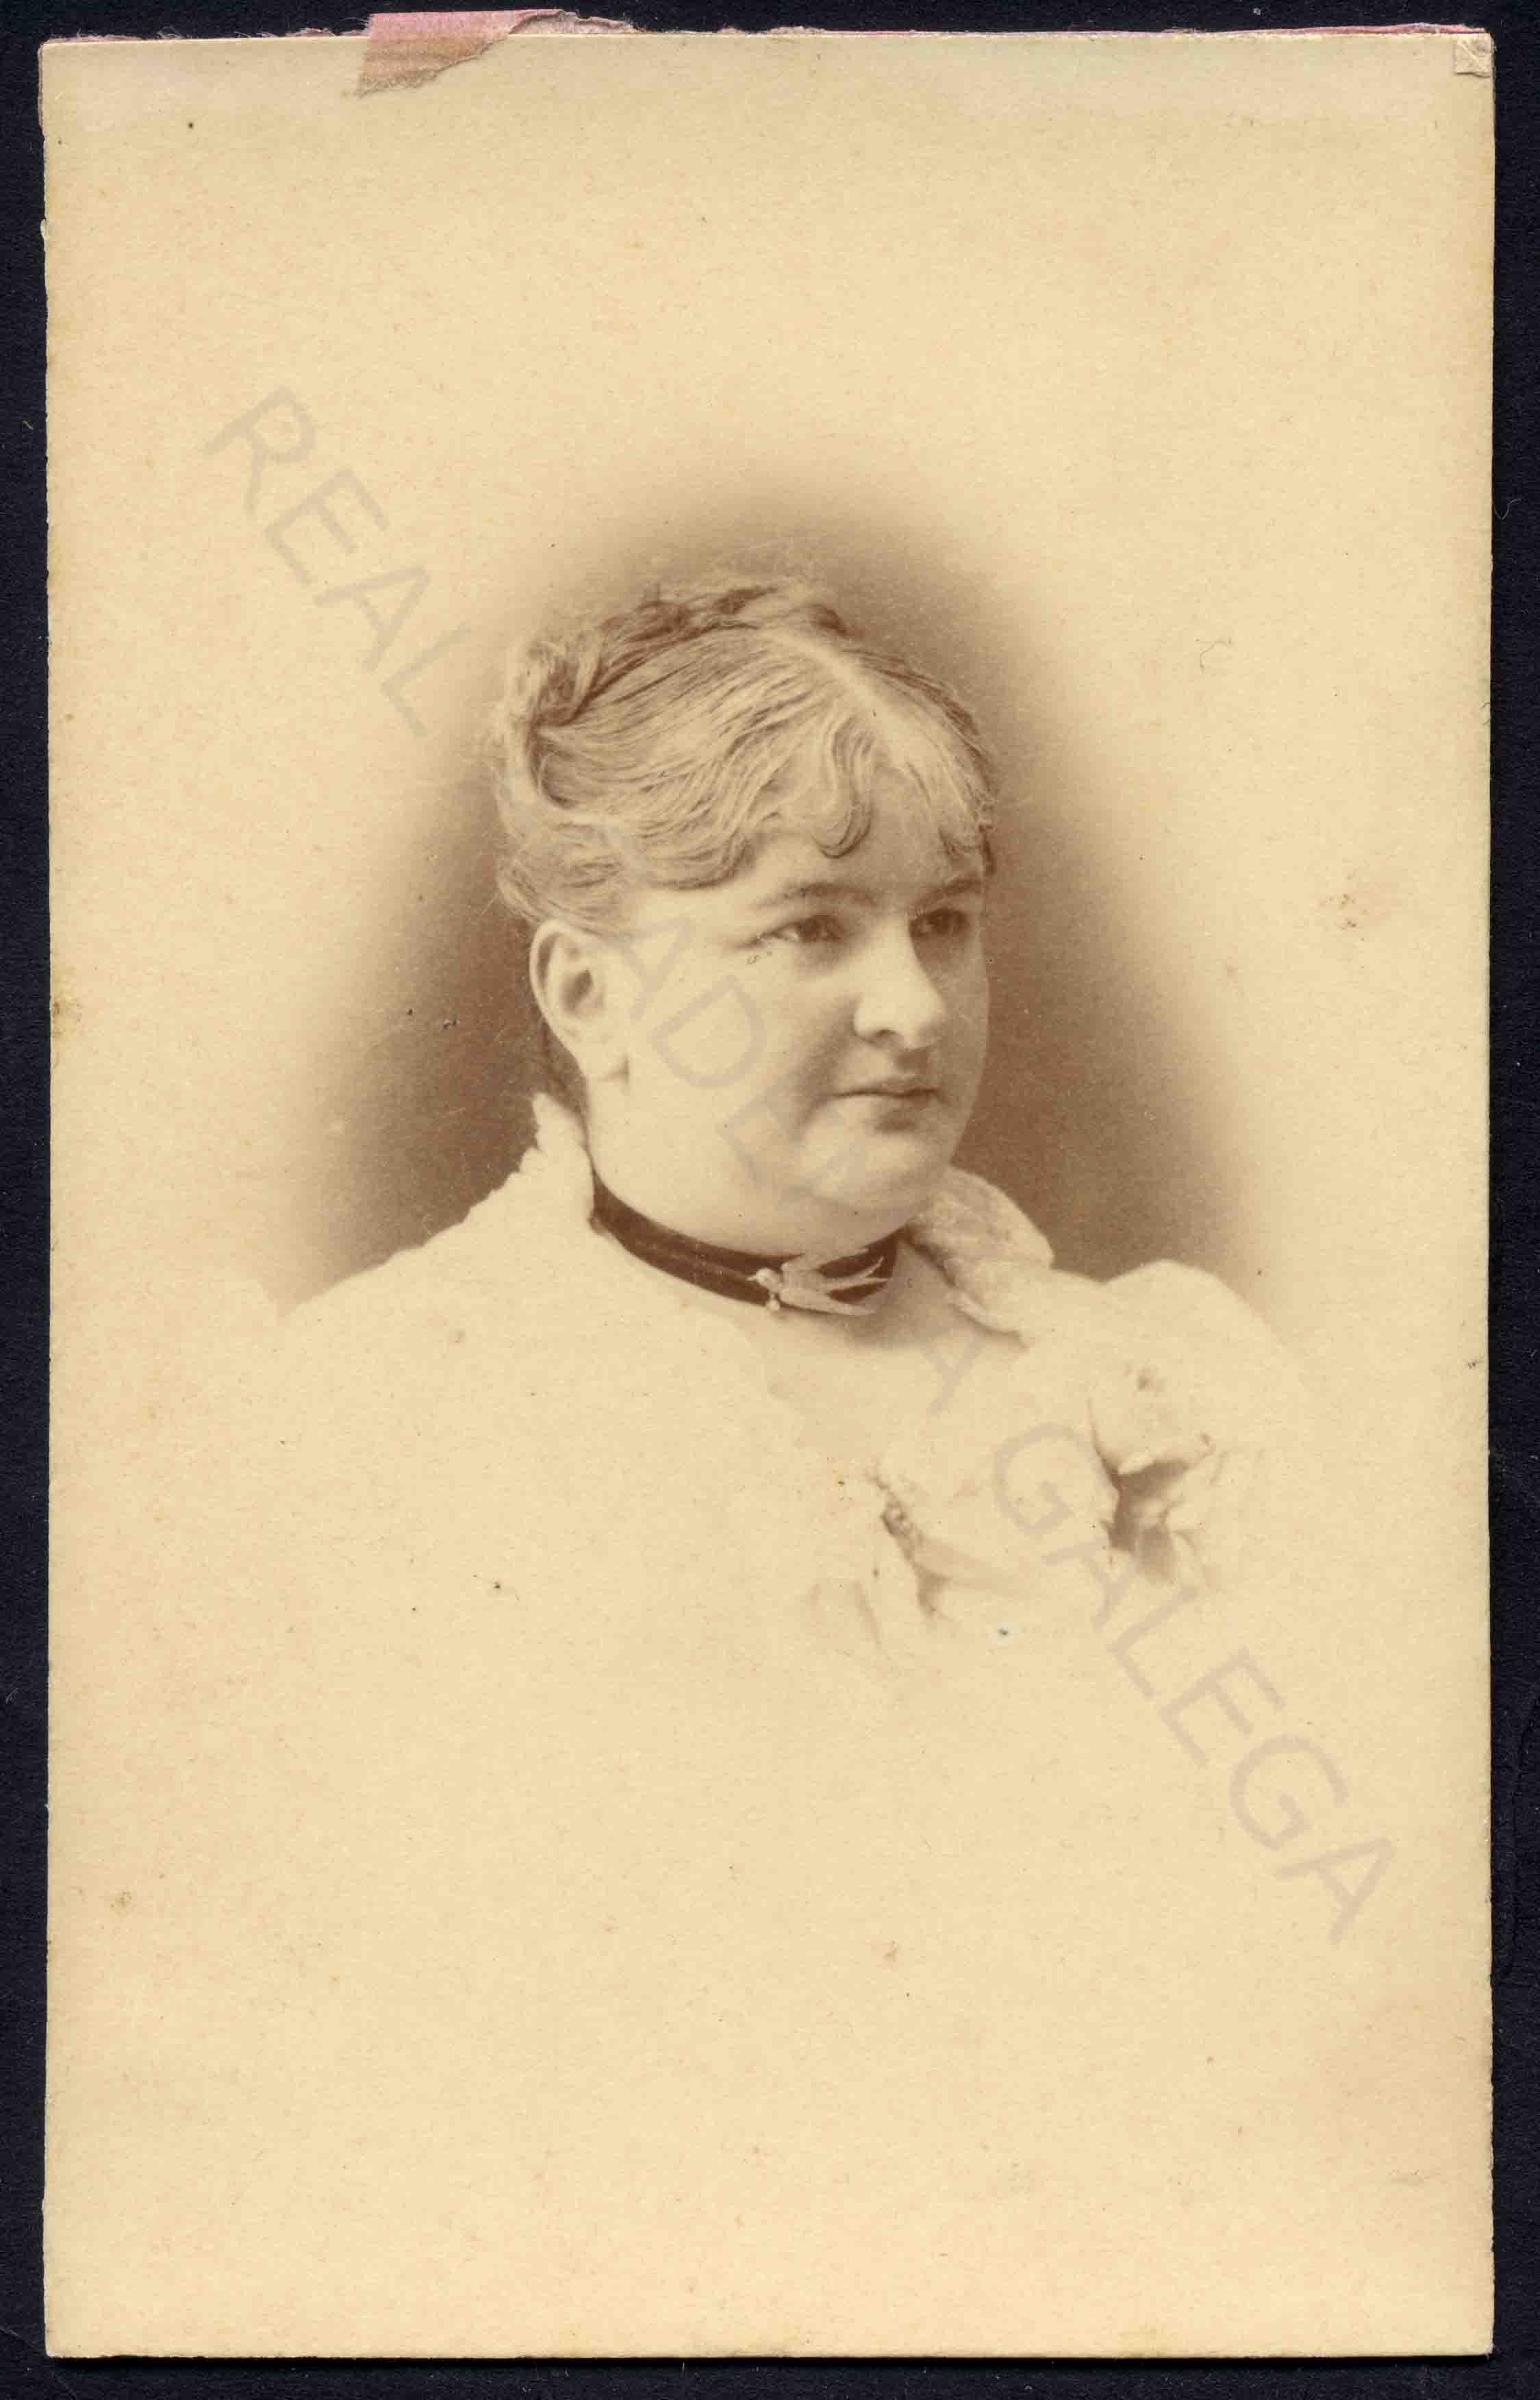 Retrato de Emilia Pardo Bazán, acceso a Galiciana